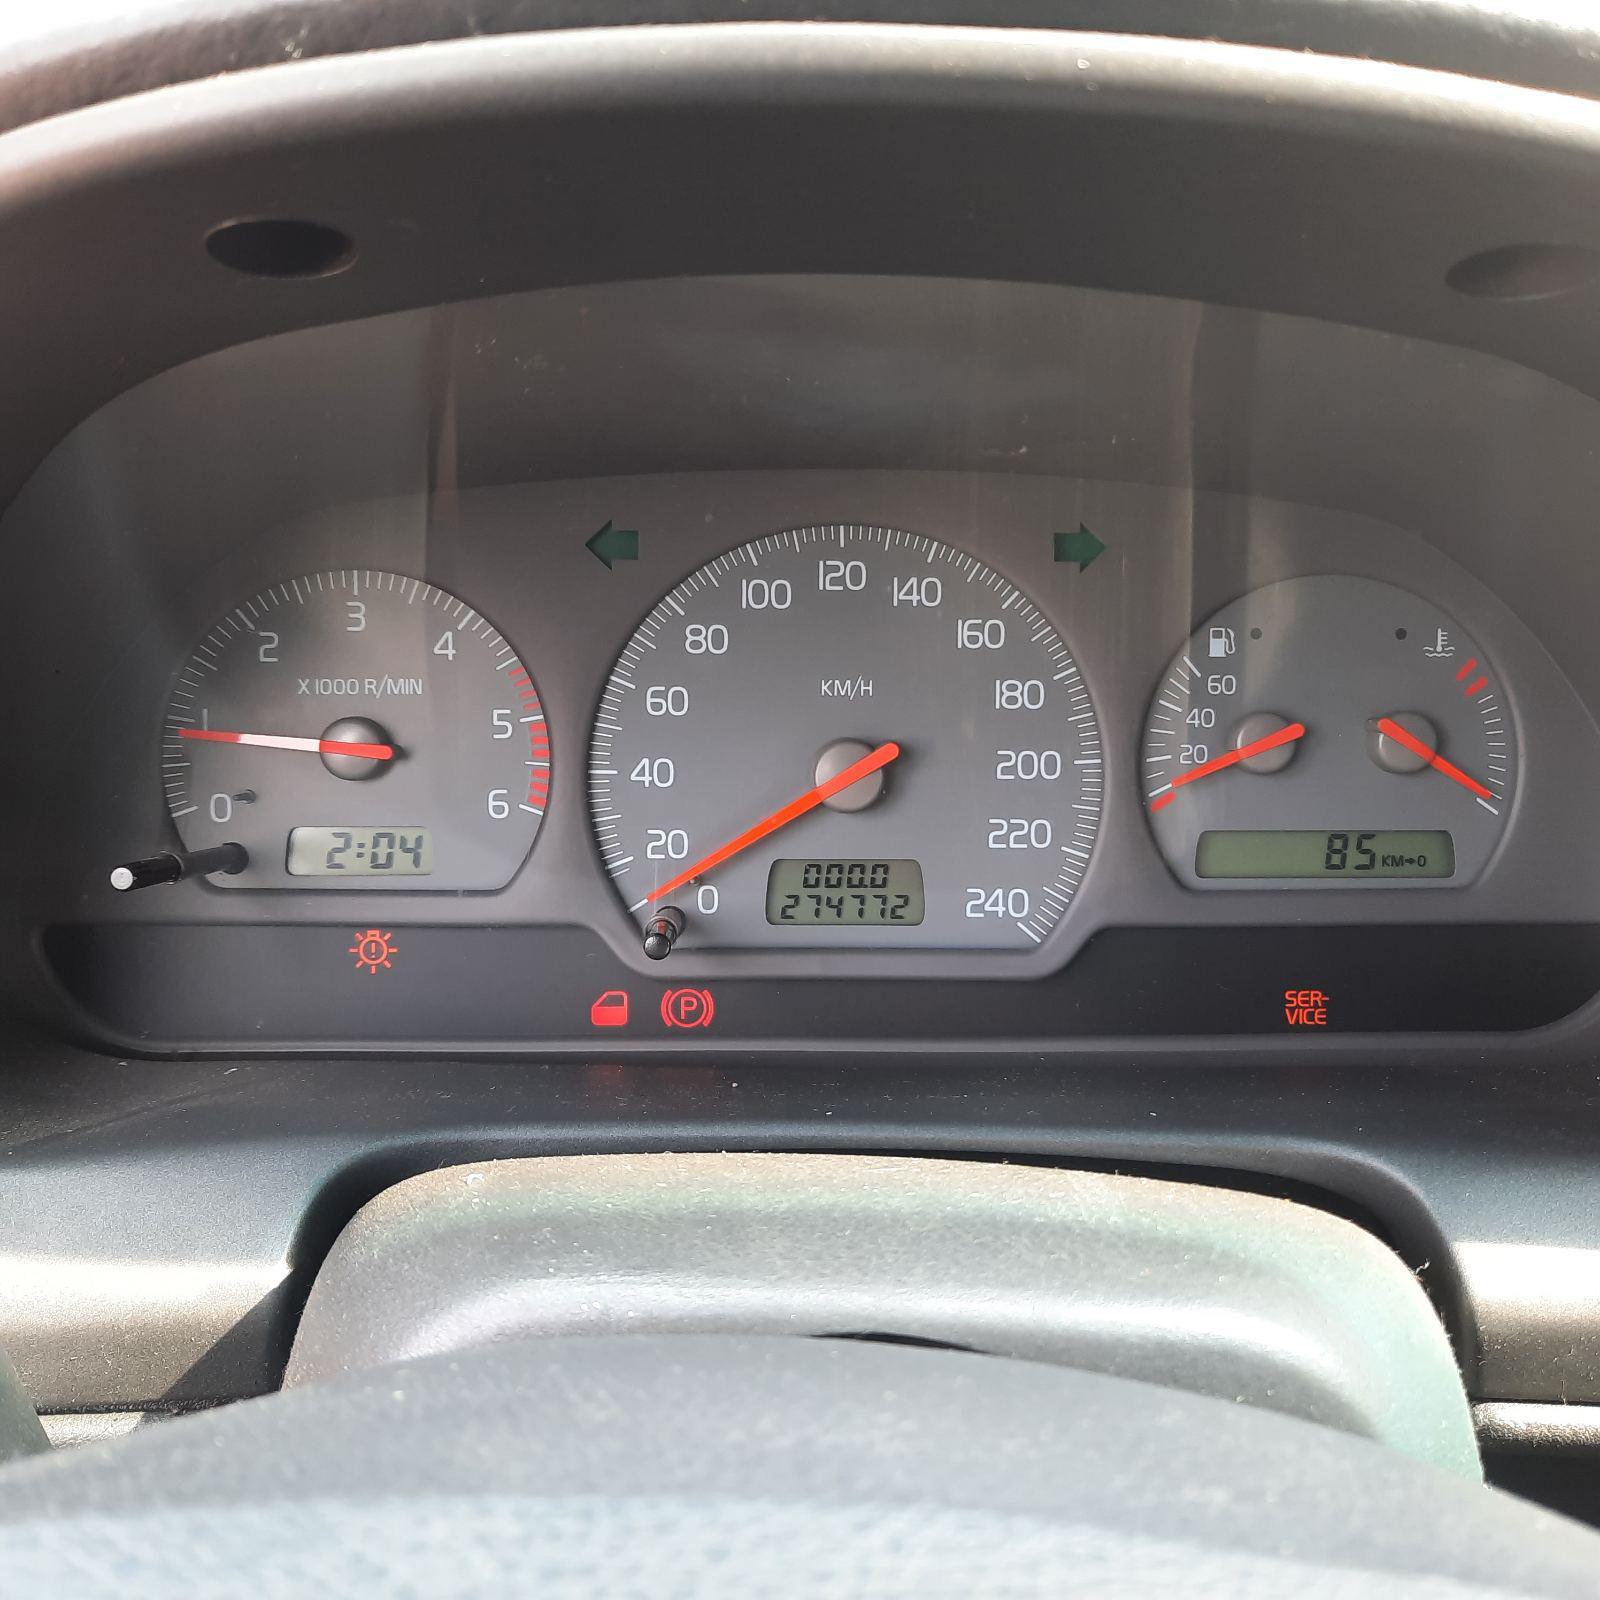 Подержанные Автозапчасти Volvo V40 1999 1.9 машиностроение универсал 4/5 d. черный 2021-7-27